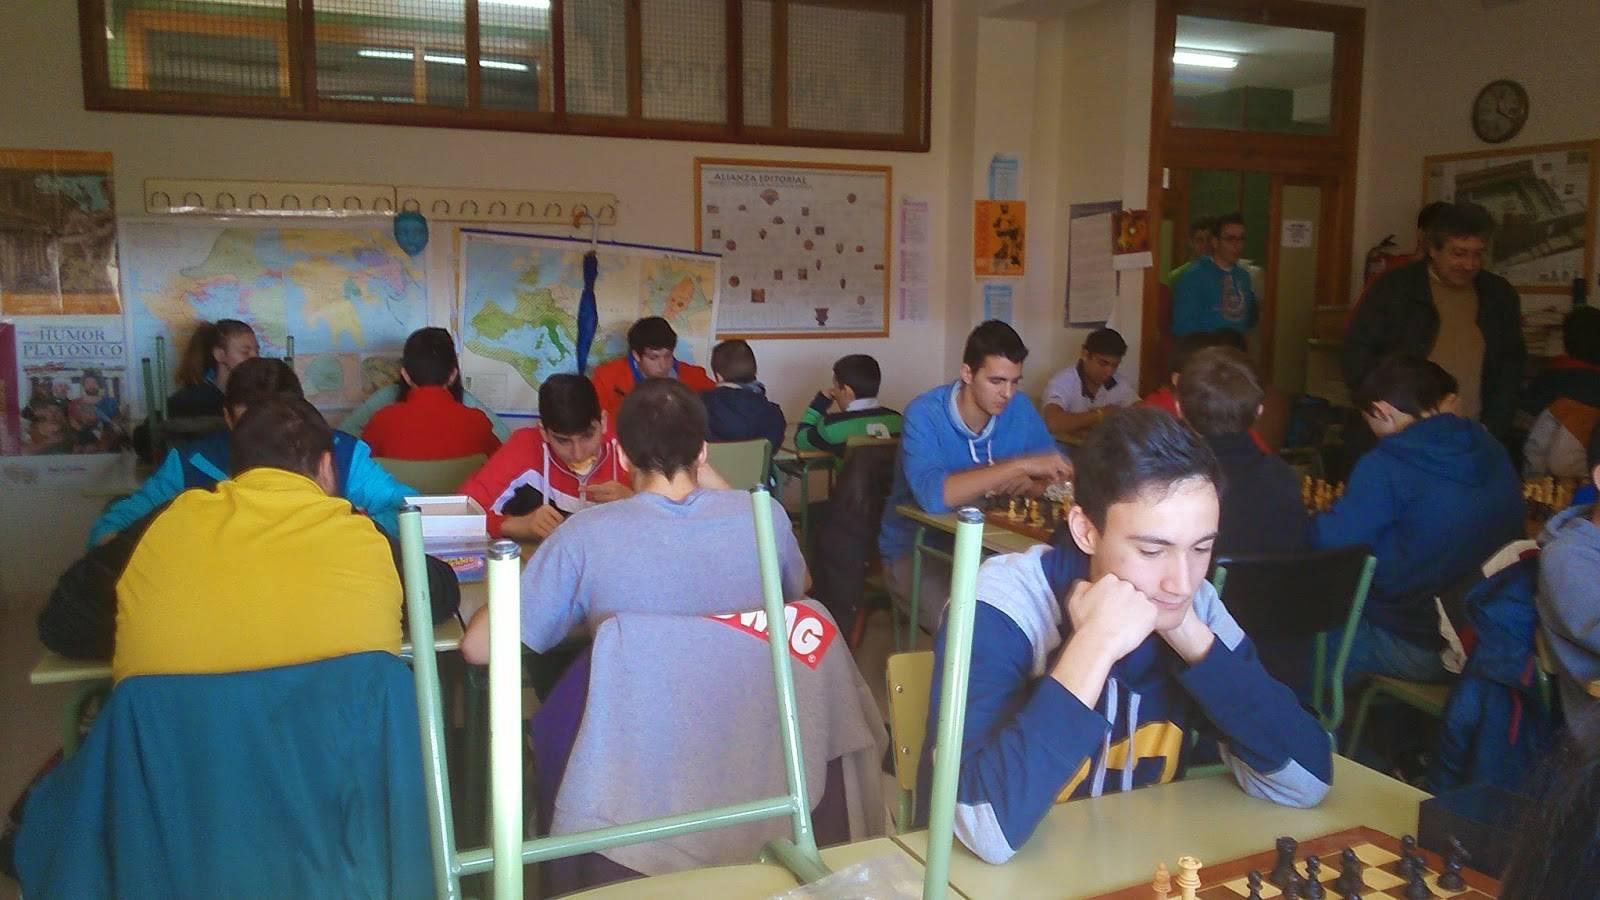 I Campeonato de ajedrez Anthropos2 - Ánthropos está organizando su I Campeonato de Ajedrez en el IES Hermógenes Rodríguez